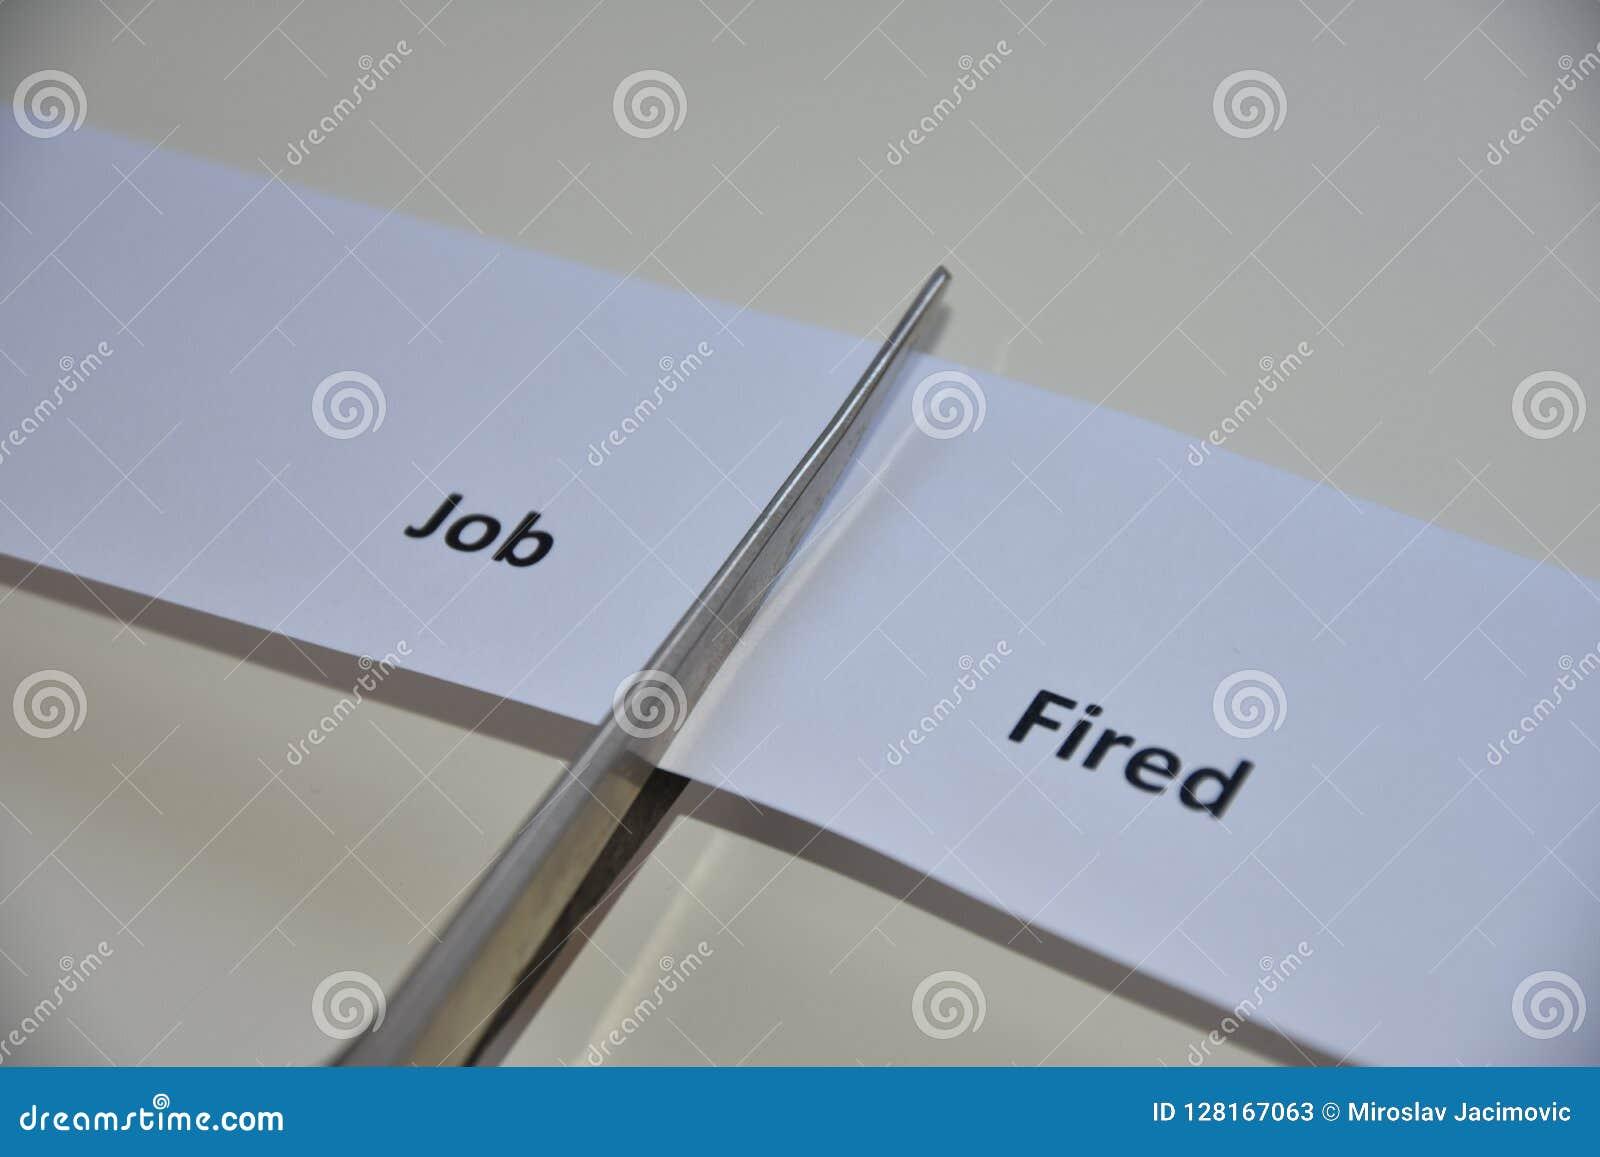 Der Widerspruch zwischen zwei Entscheidungen: Job oder abgefeuert